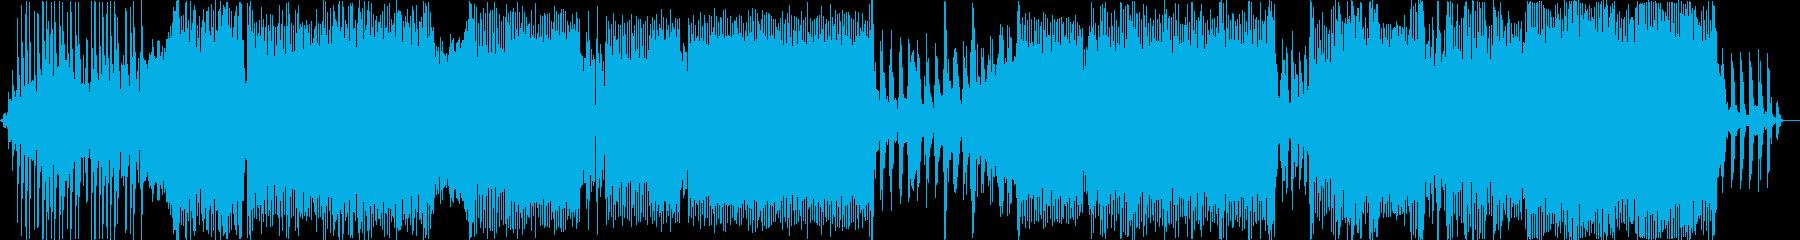 ピアノオクターブの再生済みの波形